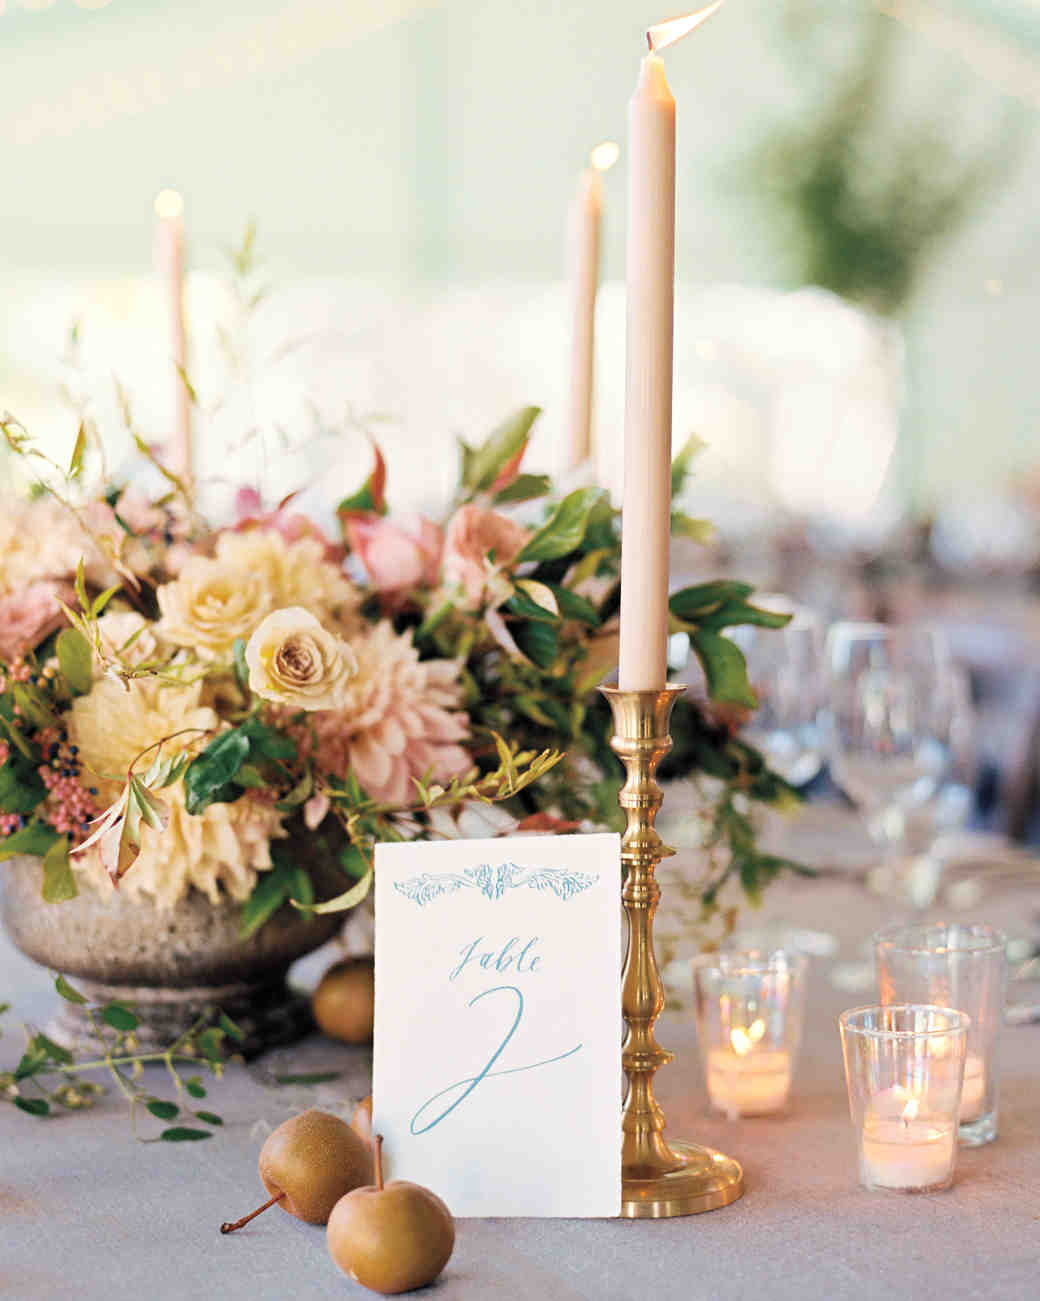 Nápady na číslovanie svadobných stolov - Obrázok č. 94